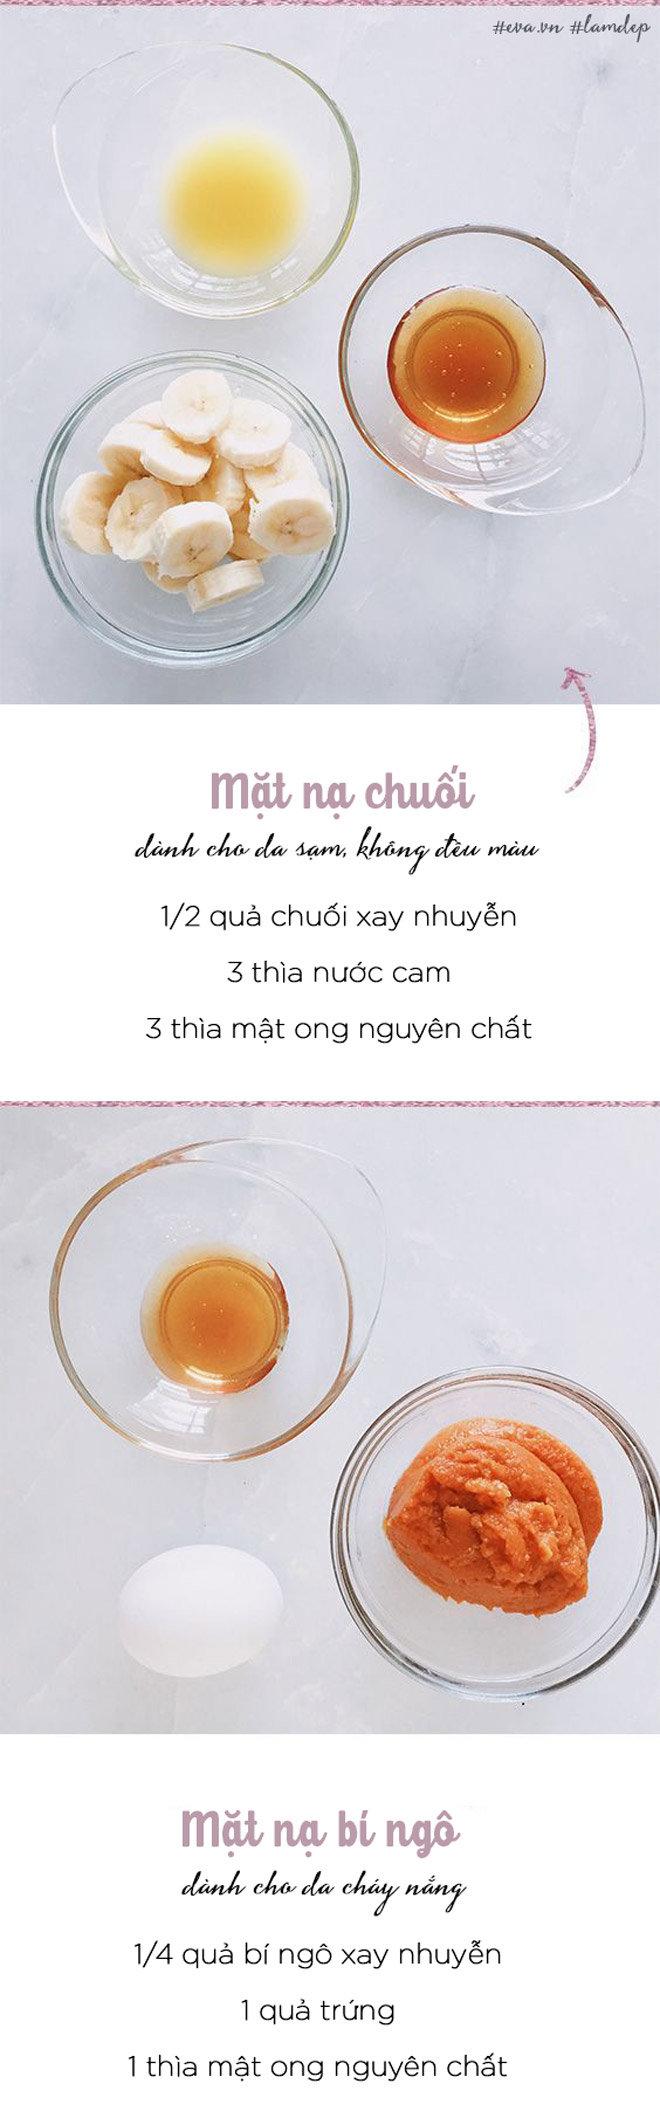 lot-xac-voi-10-cong-thuc-huu-ich-giup-duong-da-trang-sang-trong-khi-tam-chi-sau-1-thang-4